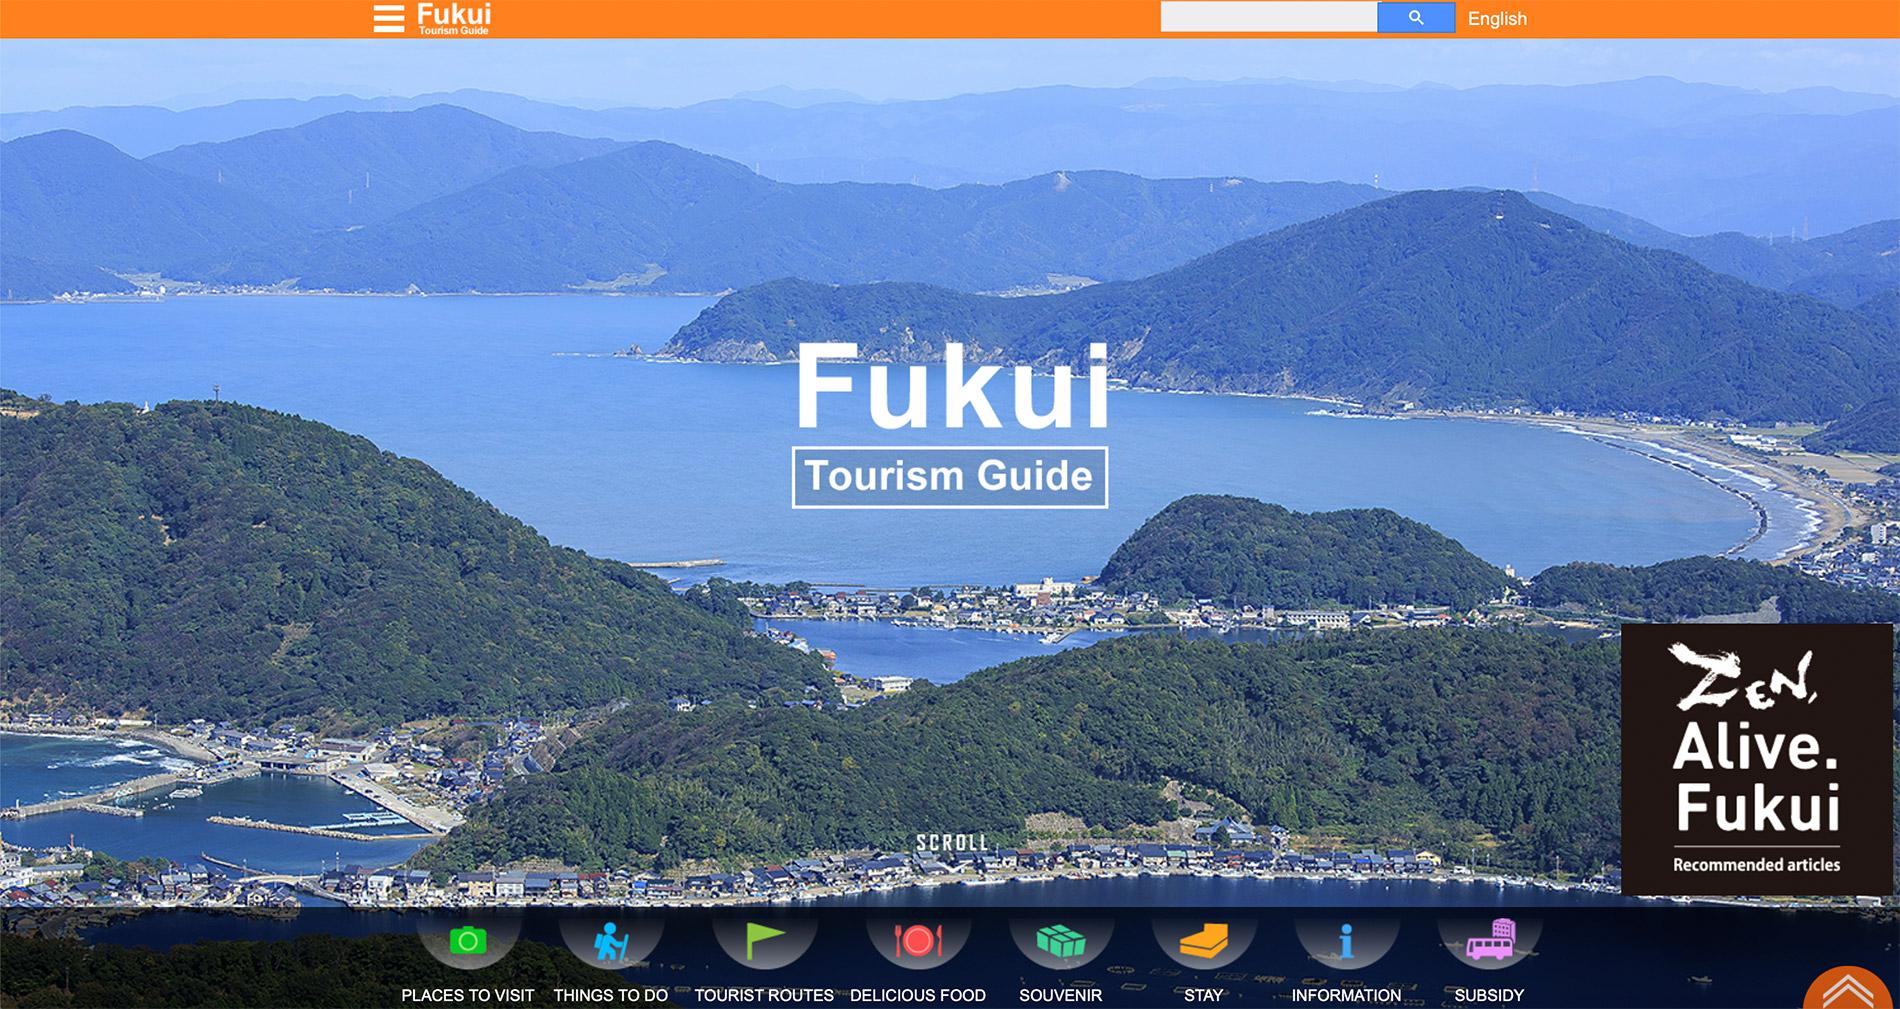 Die englische Webseite des Tourismusverbandes der Präfektur Fukui.